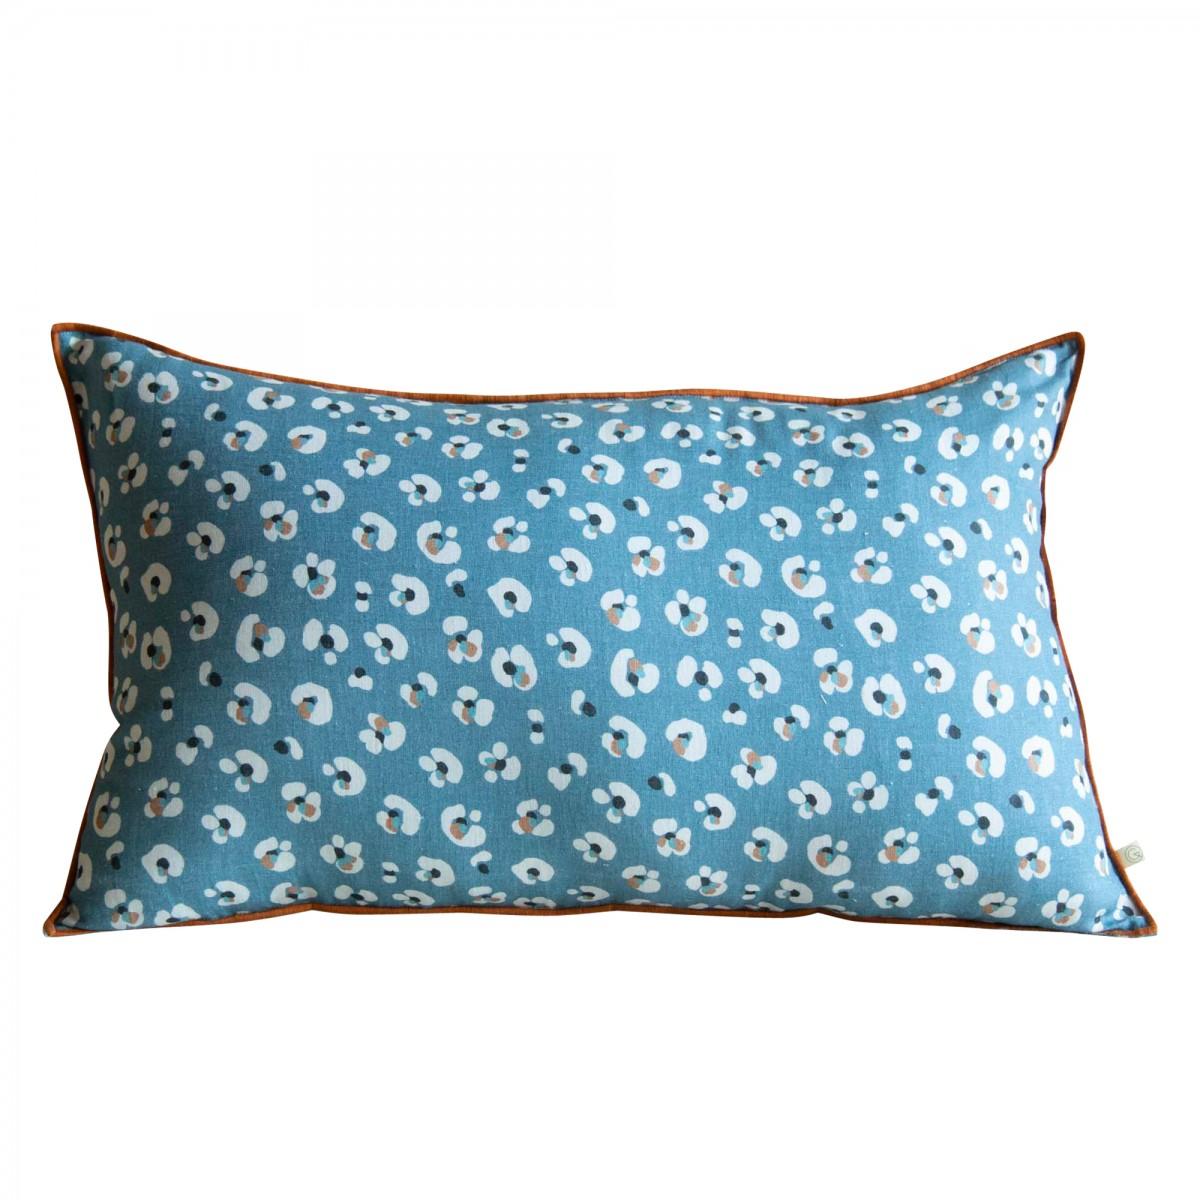 Coussin en lin lavé imprimé léopard bleu foncé 40x65